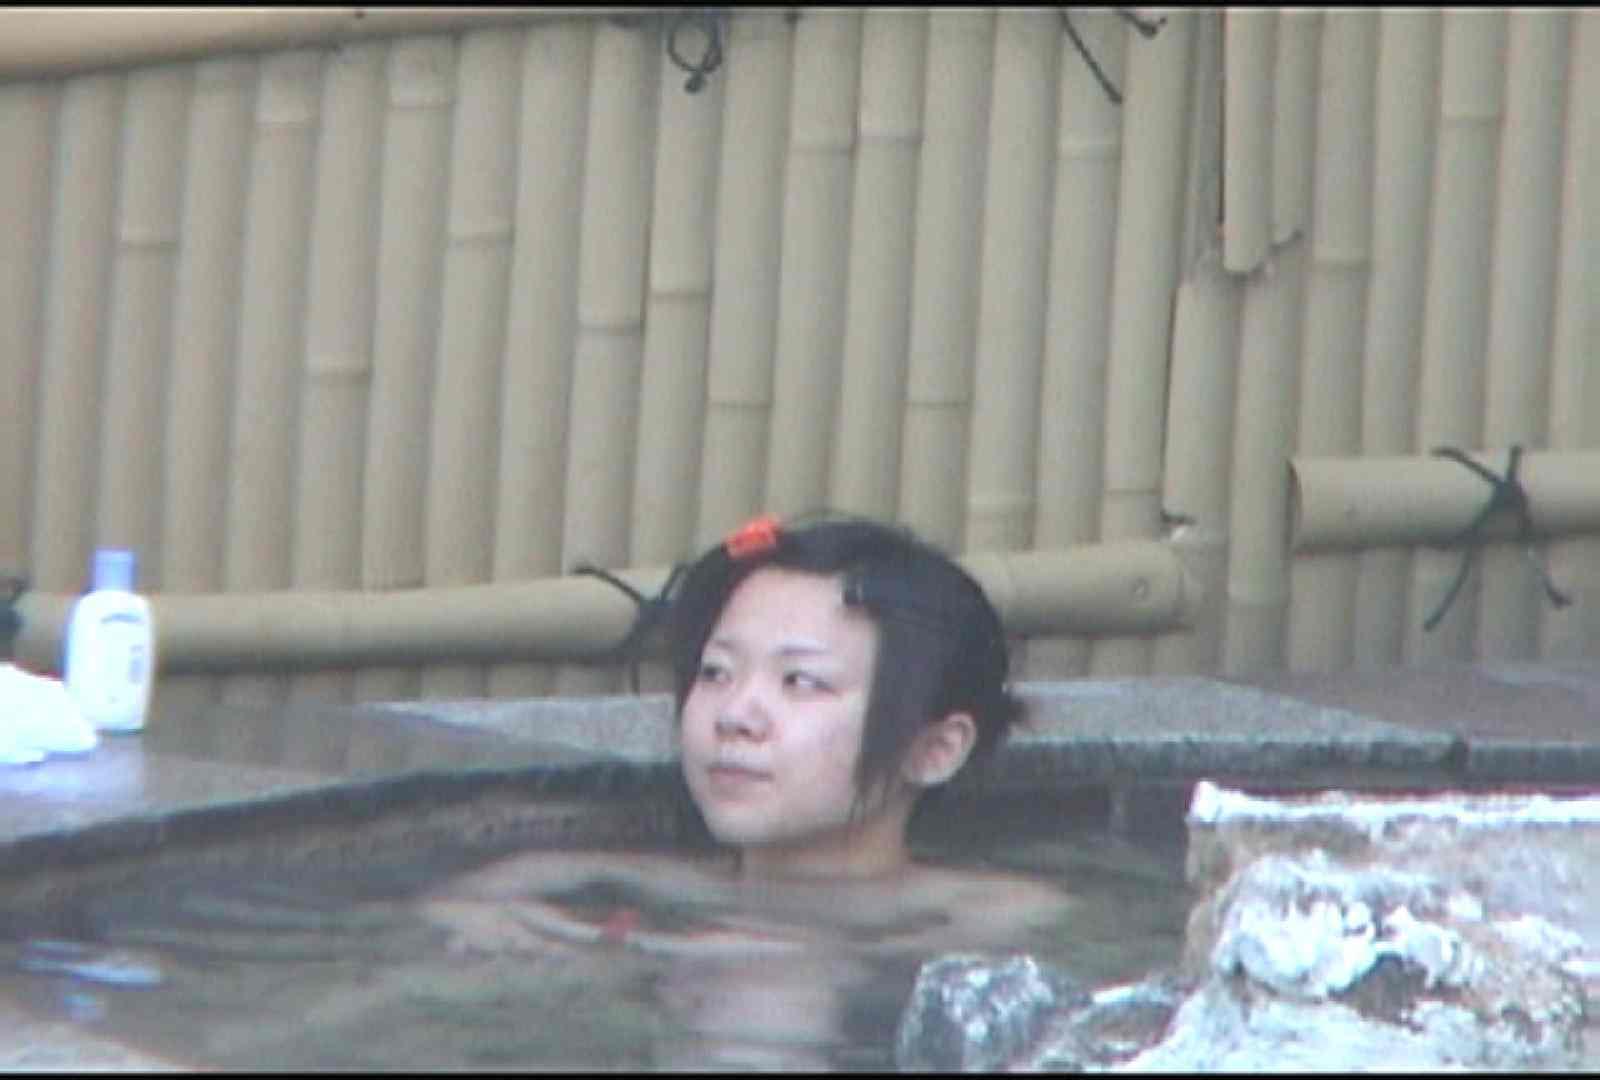 Aquaな露天風呂Vol.175 露天 | 綺麗なOLたち  99枚 4